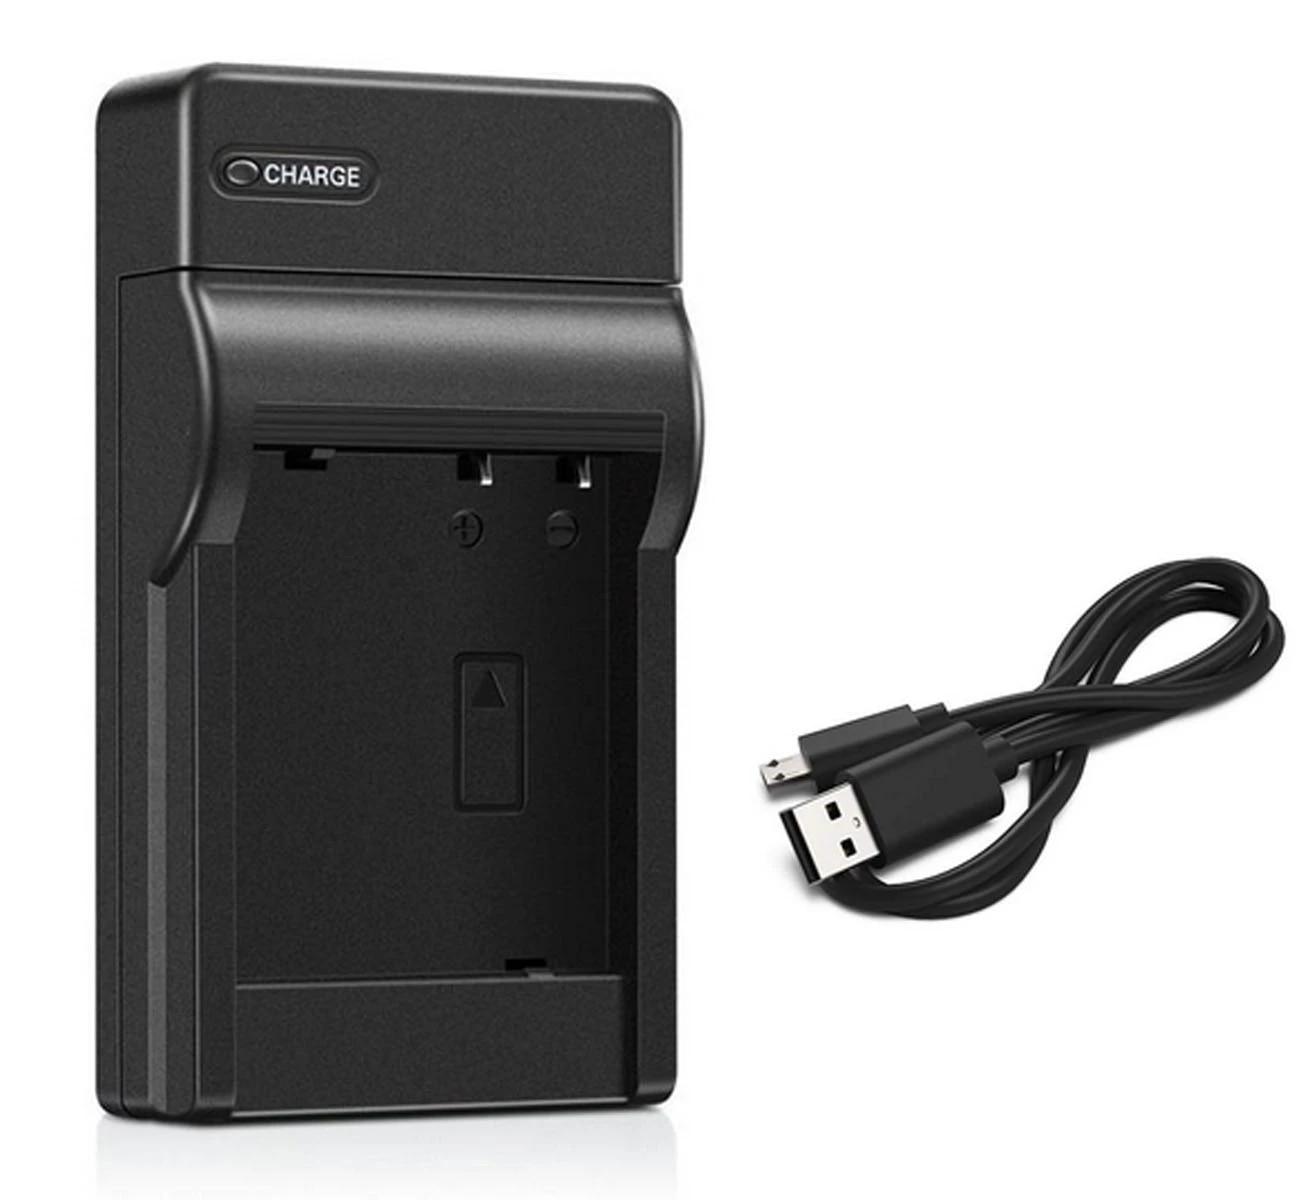 DCR-TRV840E Handycam Camcorder DCR-TRV840 LCD Dual Fast Battery Charger for Sony DCR-TRV740 DCR-TRV740E